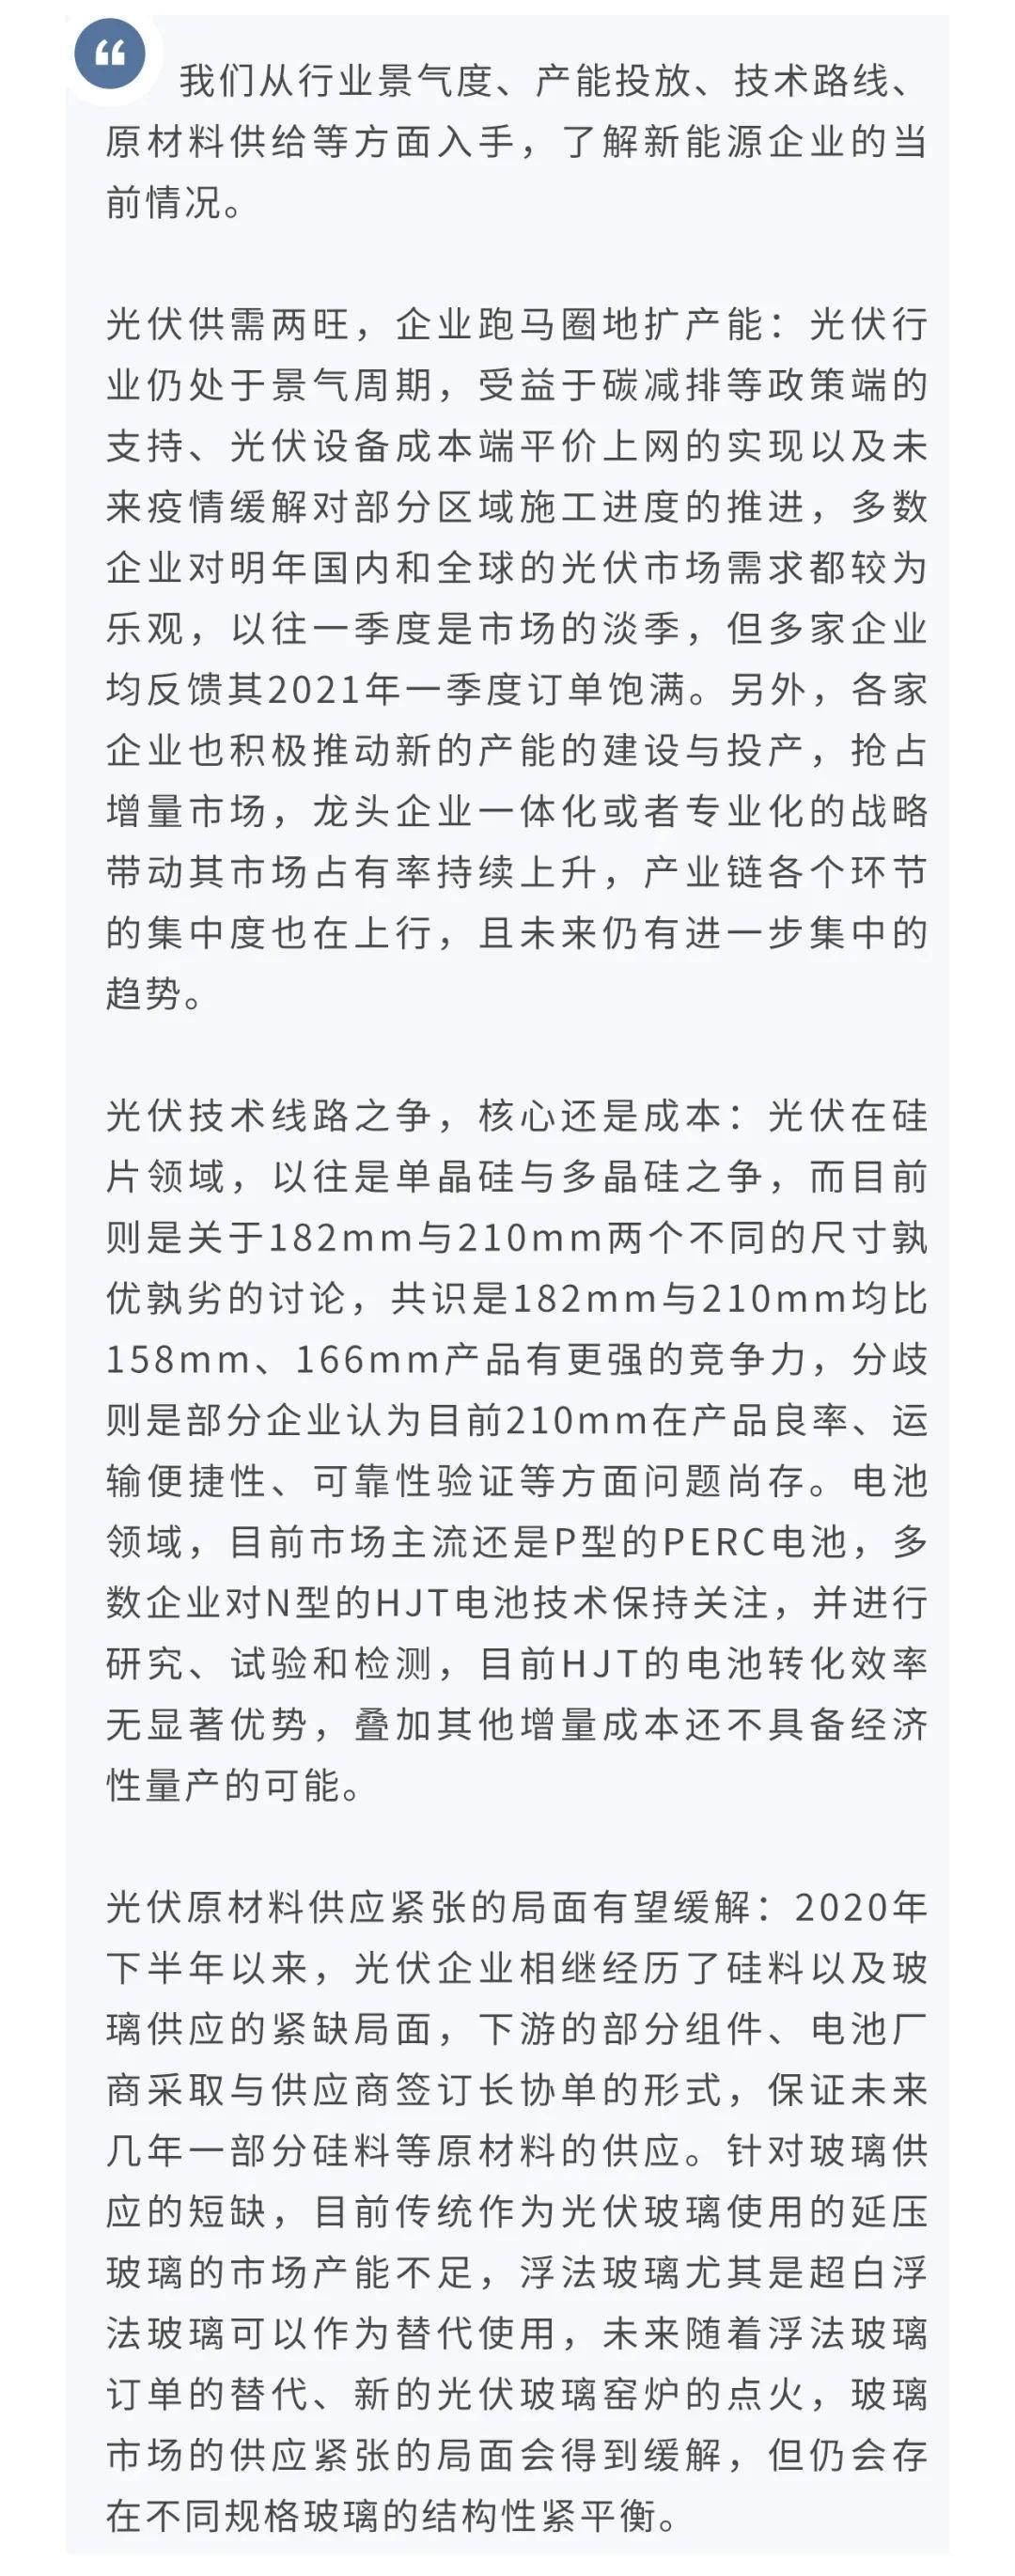 【产品】百家企业调研第6期(三)—新能源企业调研总结